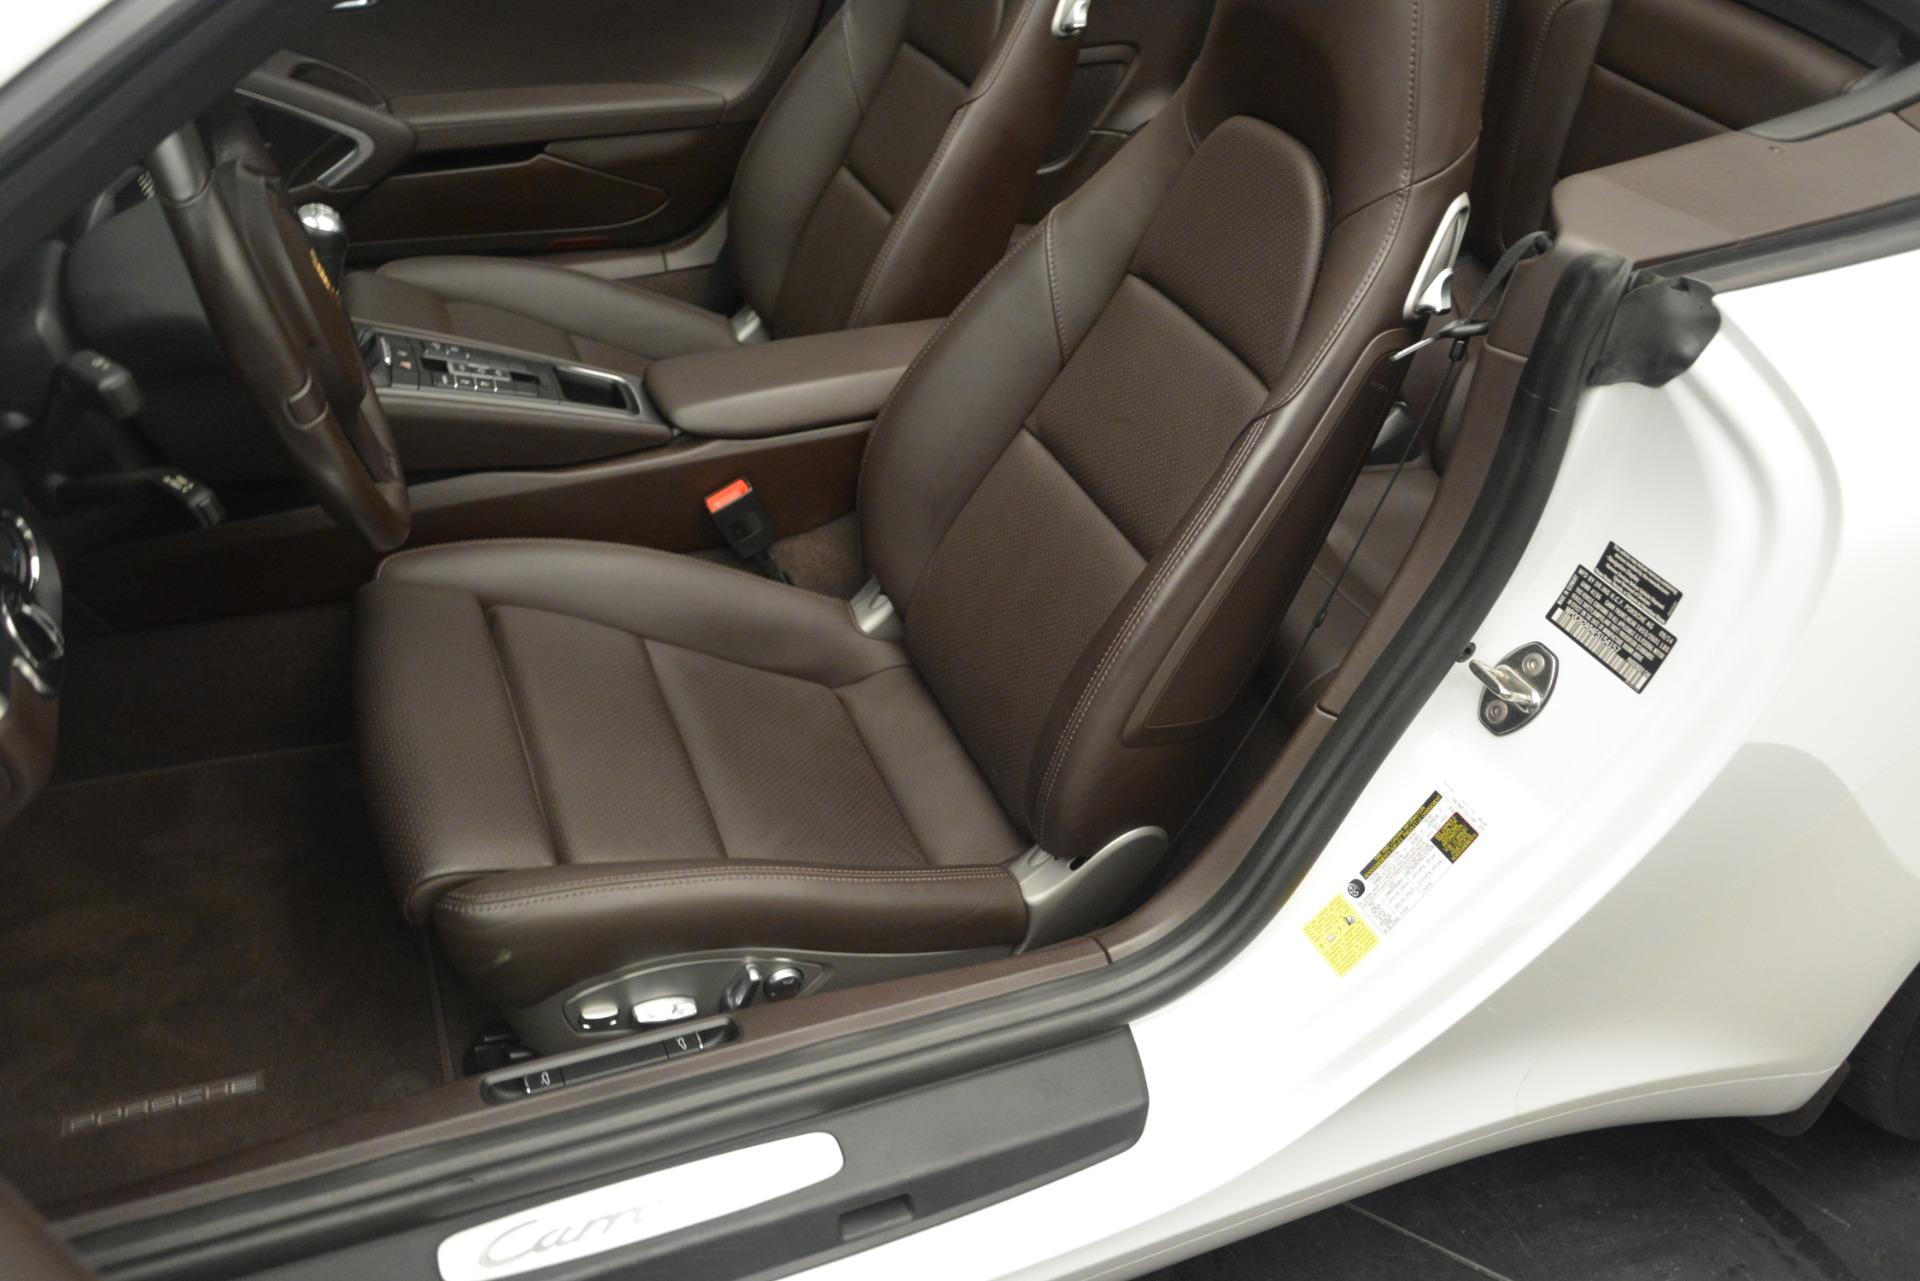 Used 2015 Porsche 911 Carrera S For Sale In Greenwich, CT 2578_p17